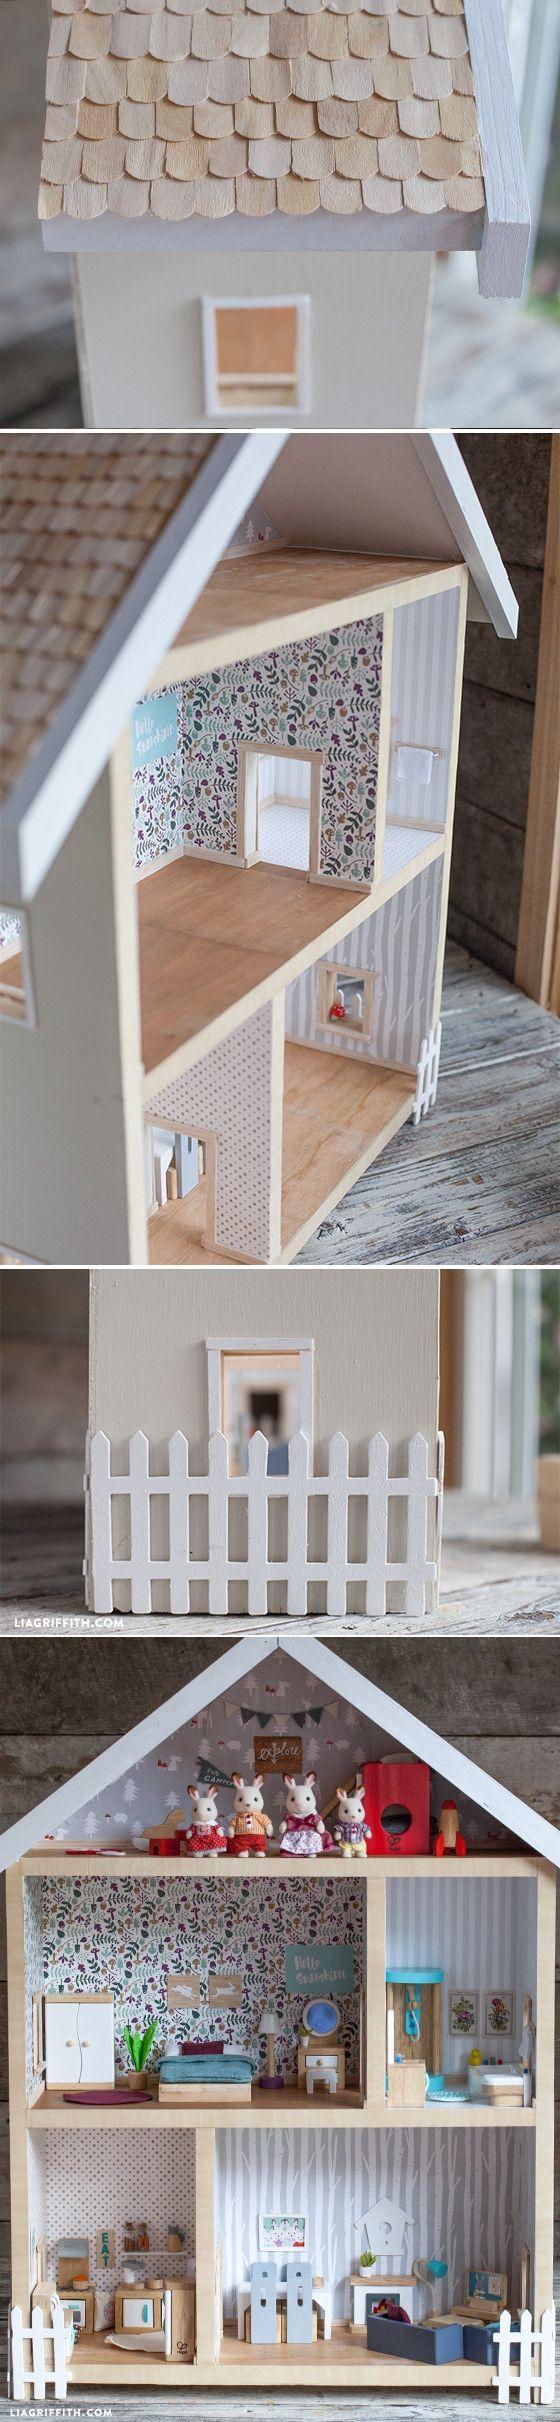 Wunderschönes Puppenhaus